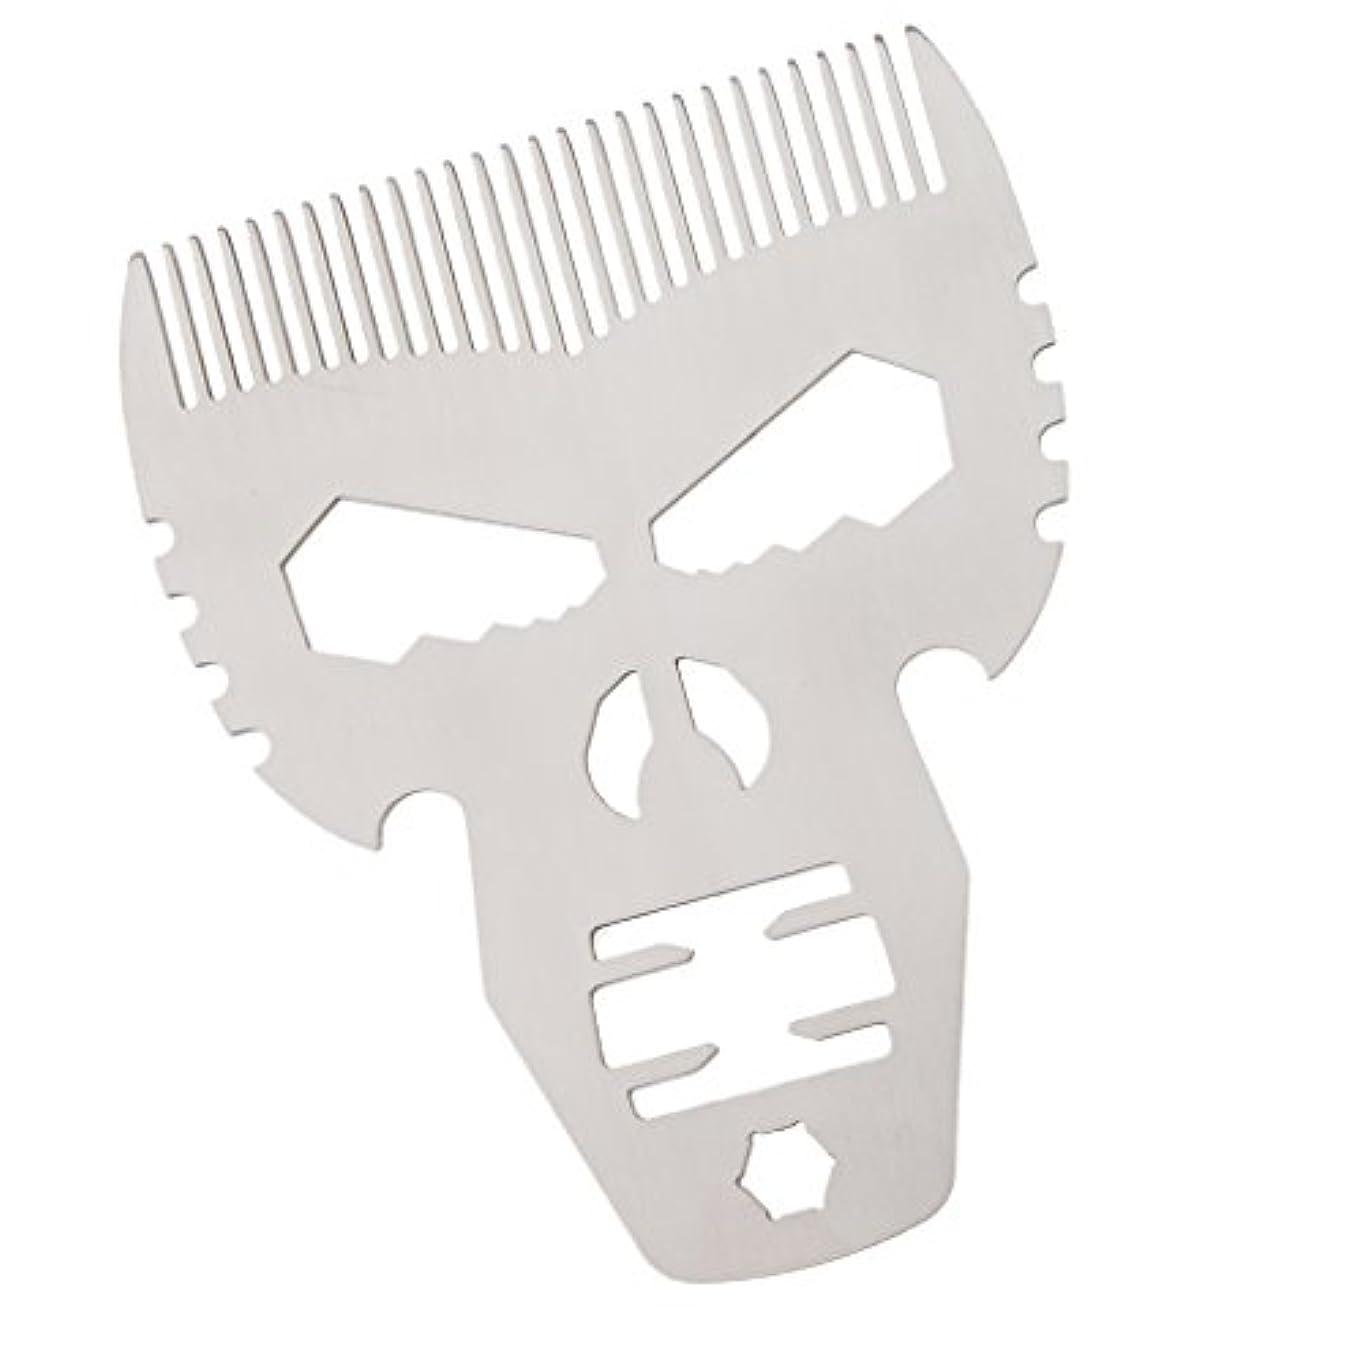 ミル静脈ジャムビアードコーム 口髭ブラシ ヘアケア 櫛